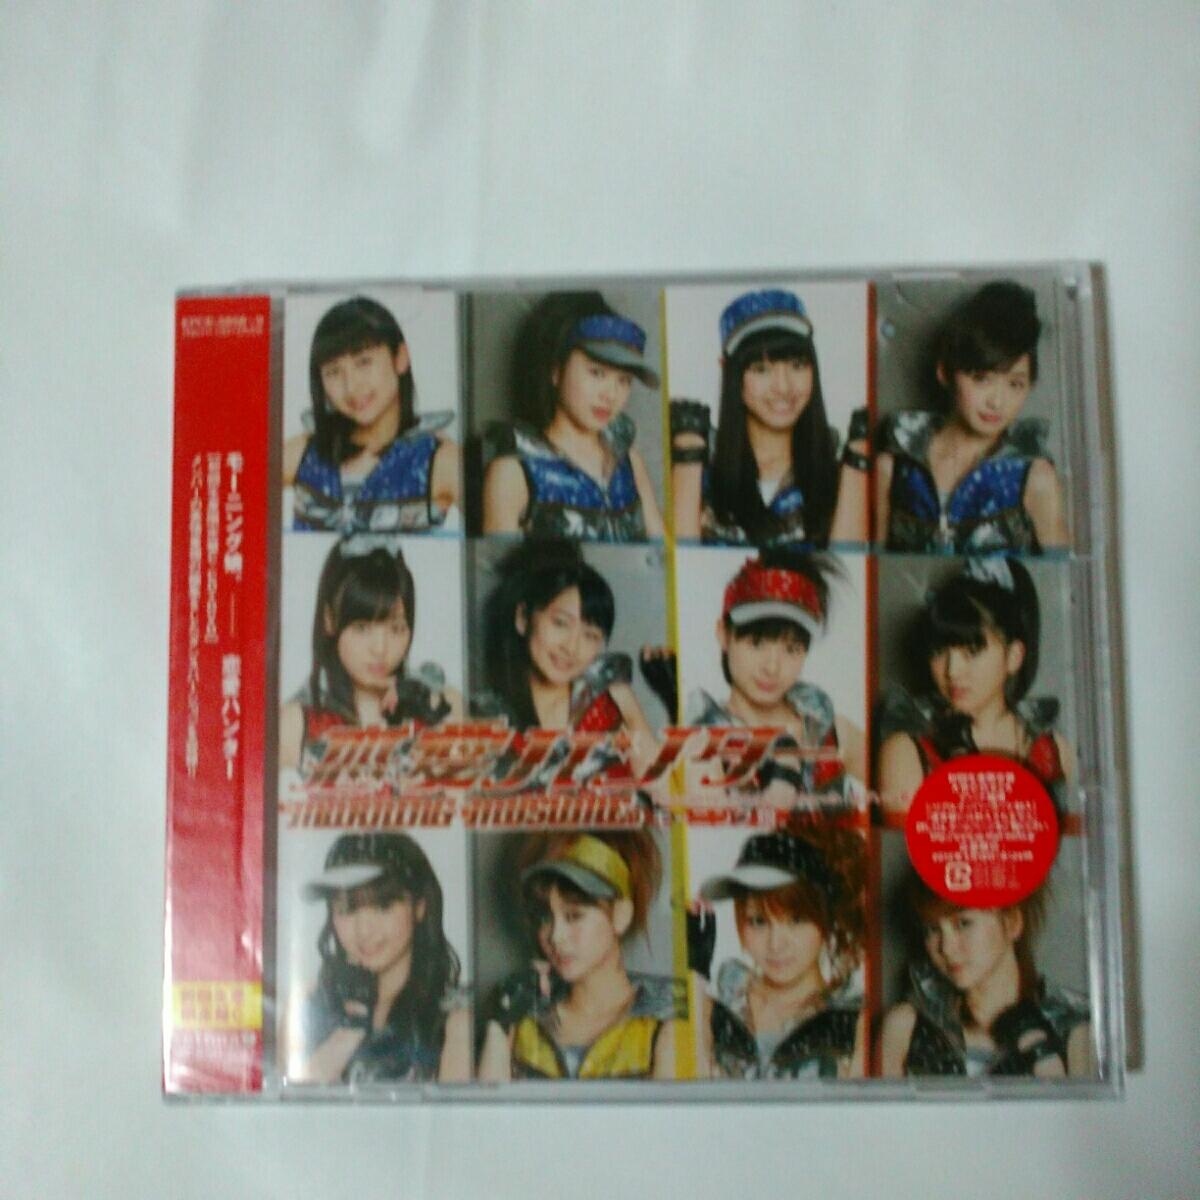 モーニング娘。/恋愛ハンター 初回限定盤C DVD付き 新品、未開封_画像1